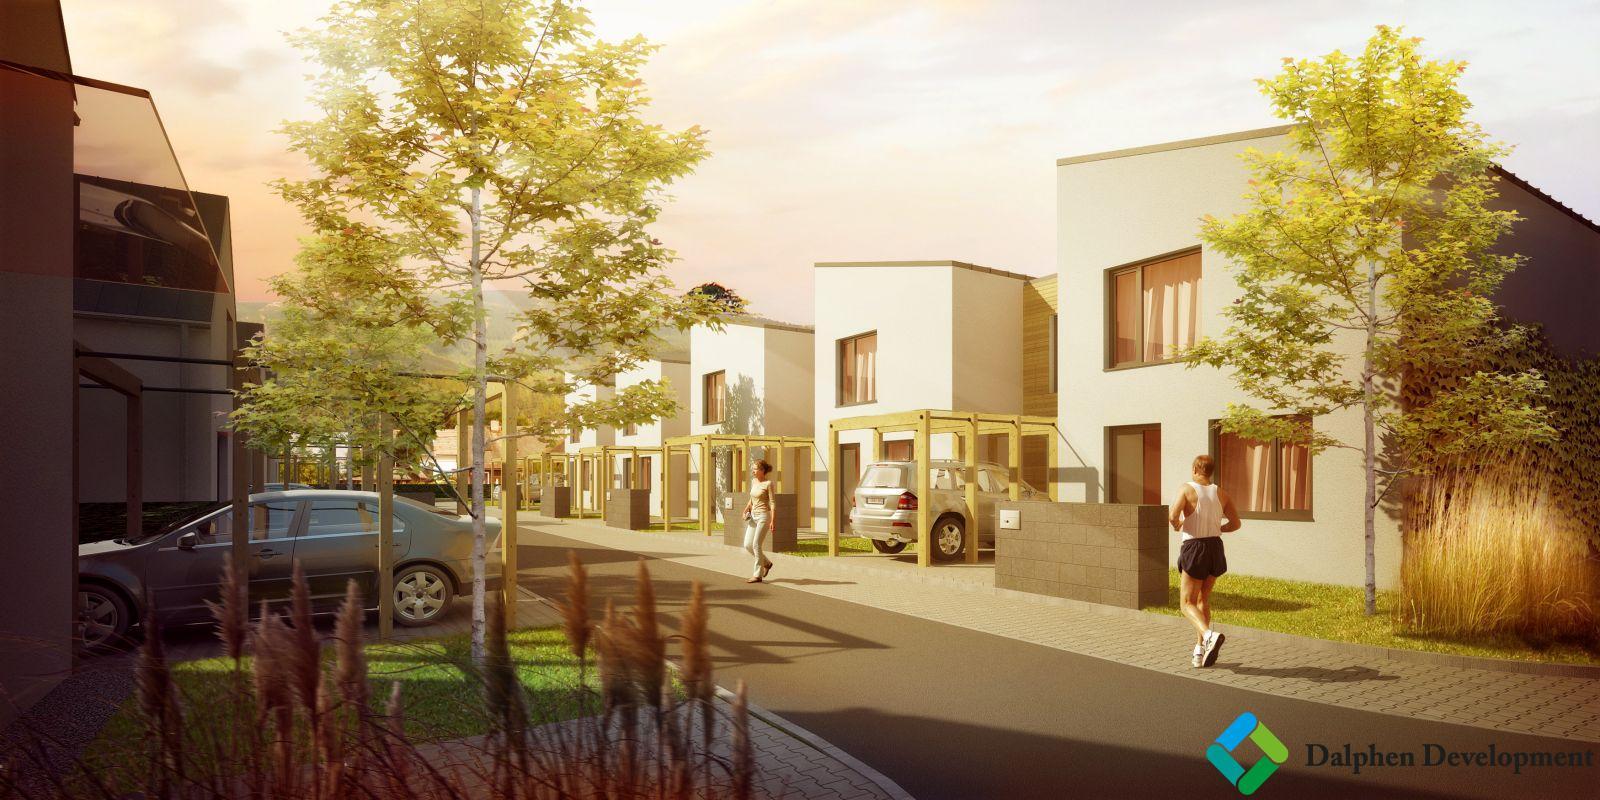 Prodej bytu 2+kk, 58 m2, pozemek se zahradou 244 m2